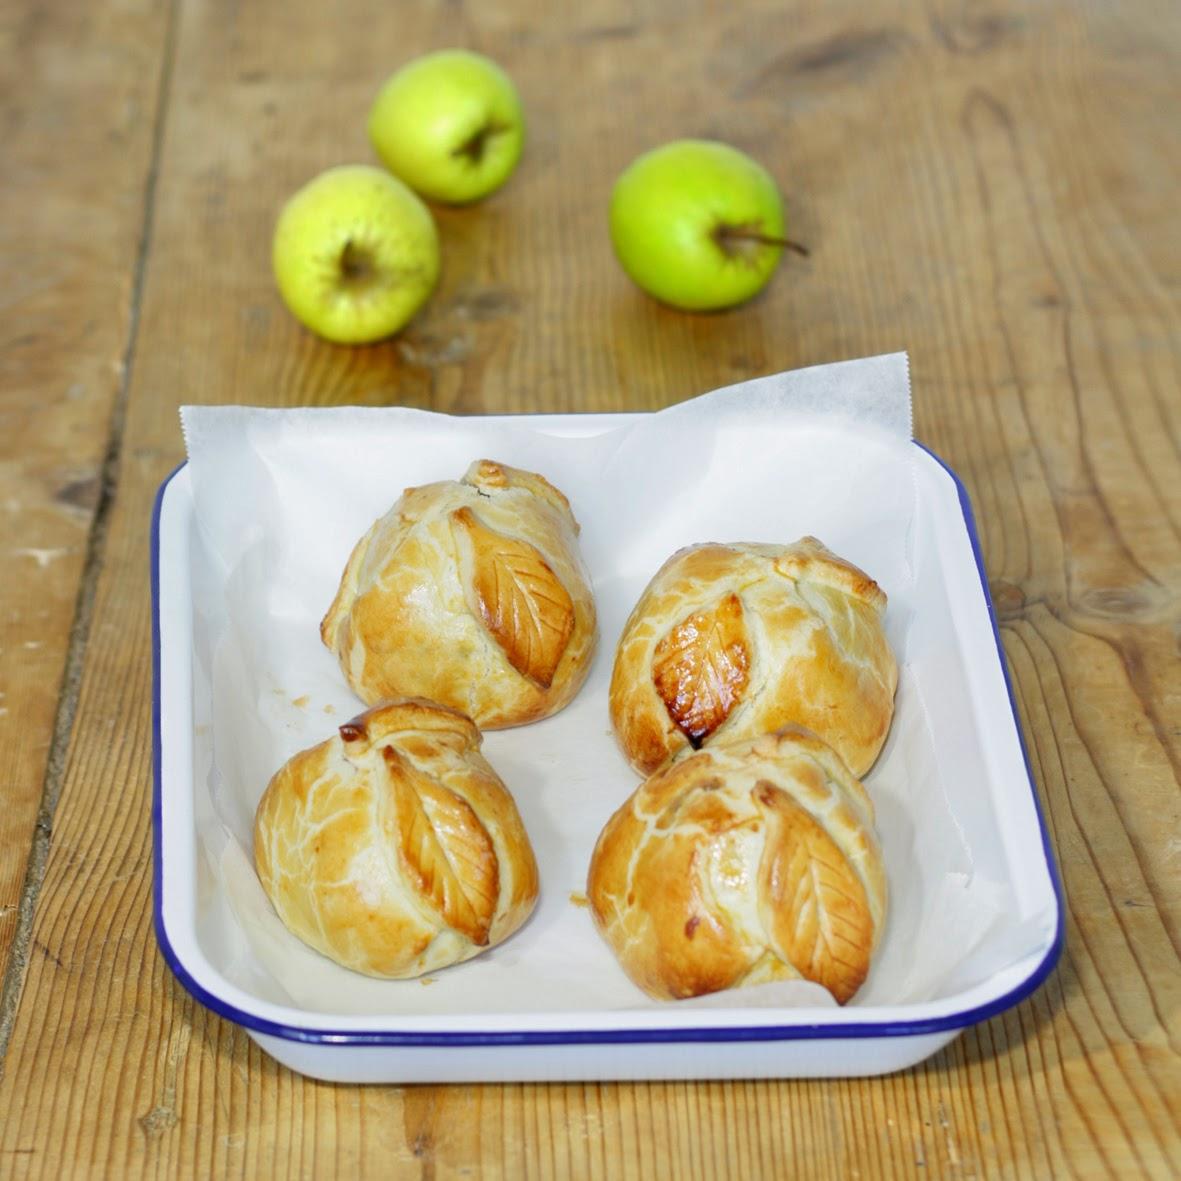 Douillons aux pommes - Pommes en pâte